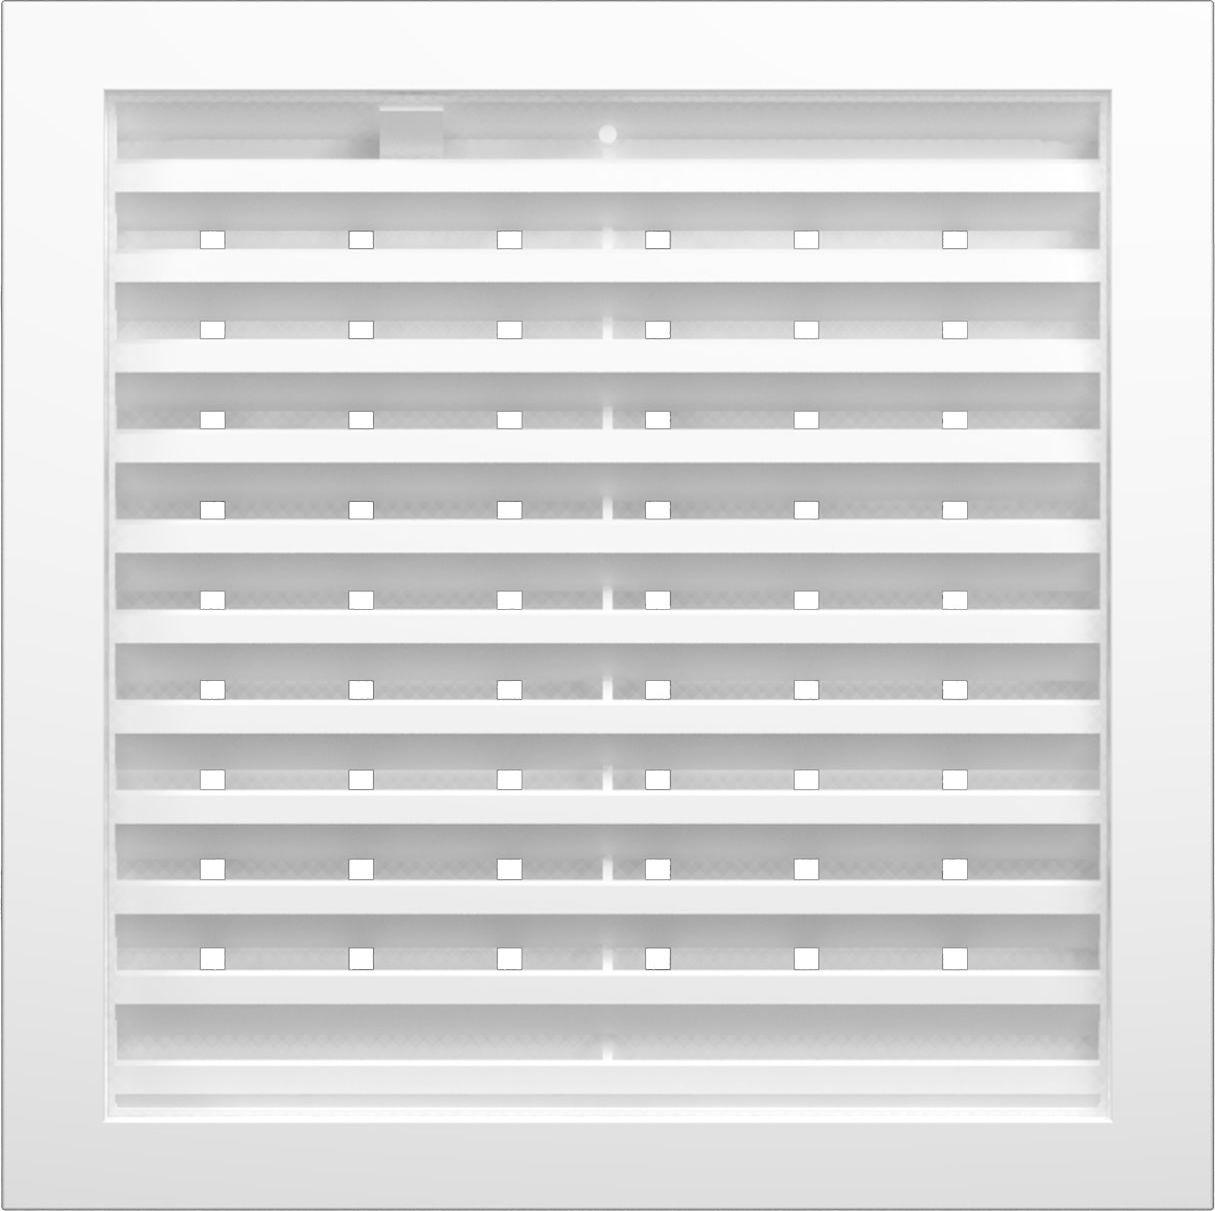 Вентиляционная решетка Street Line, 3535РРПН, белый, наружная, регулируемая, 35 х см